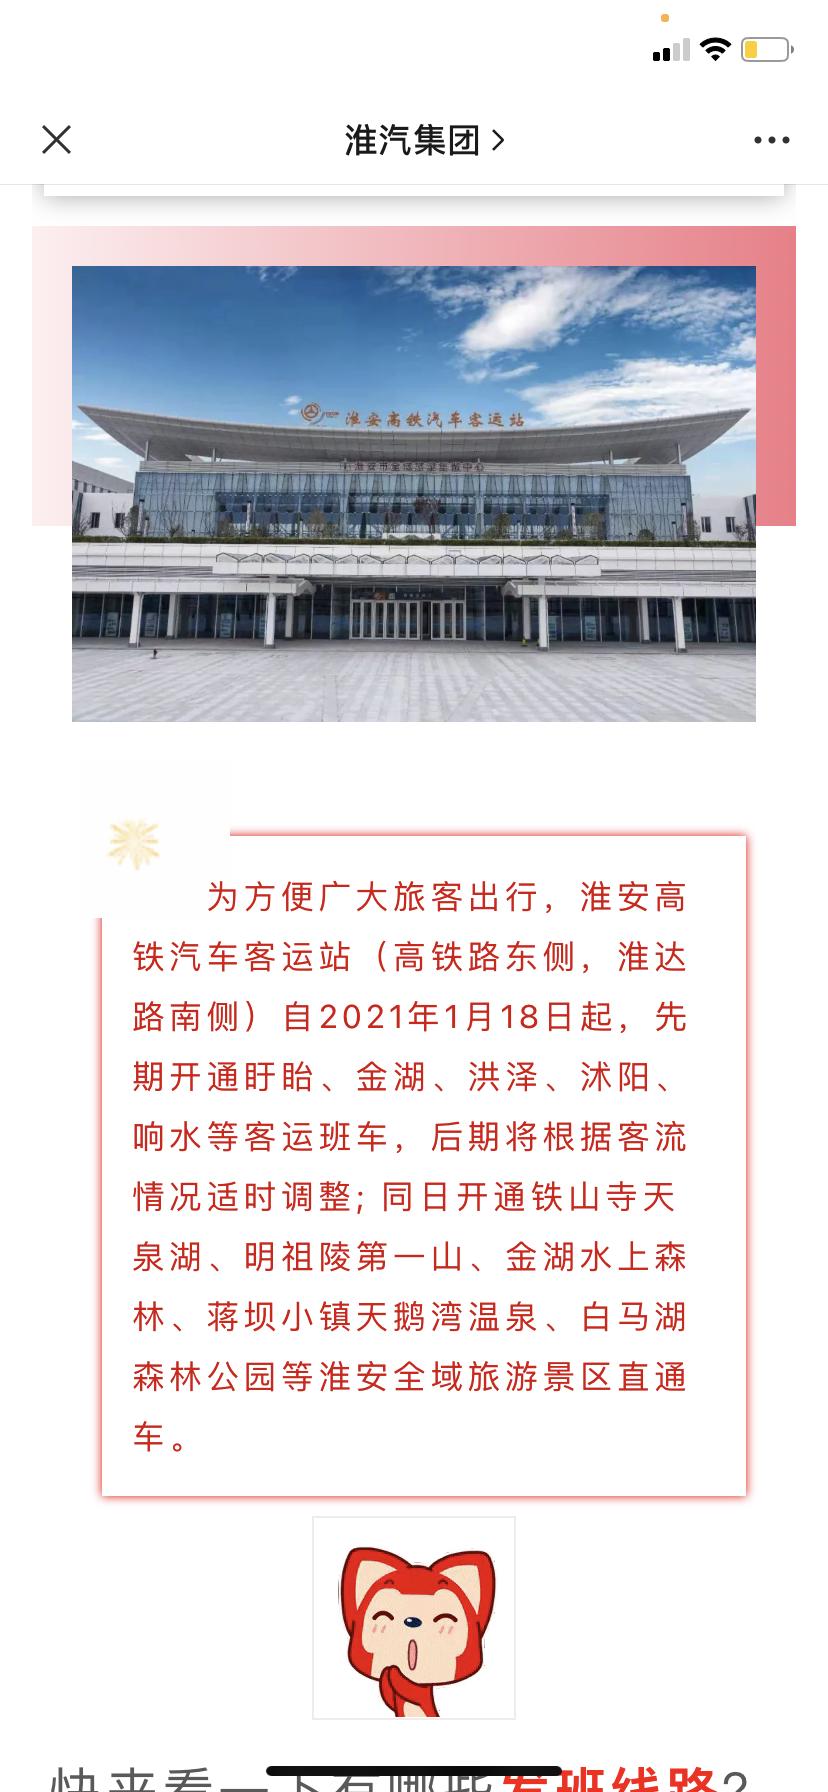 1月18号启用!淮安高铁站开通沭阳班车!每天4班,票价24元!贵不贵